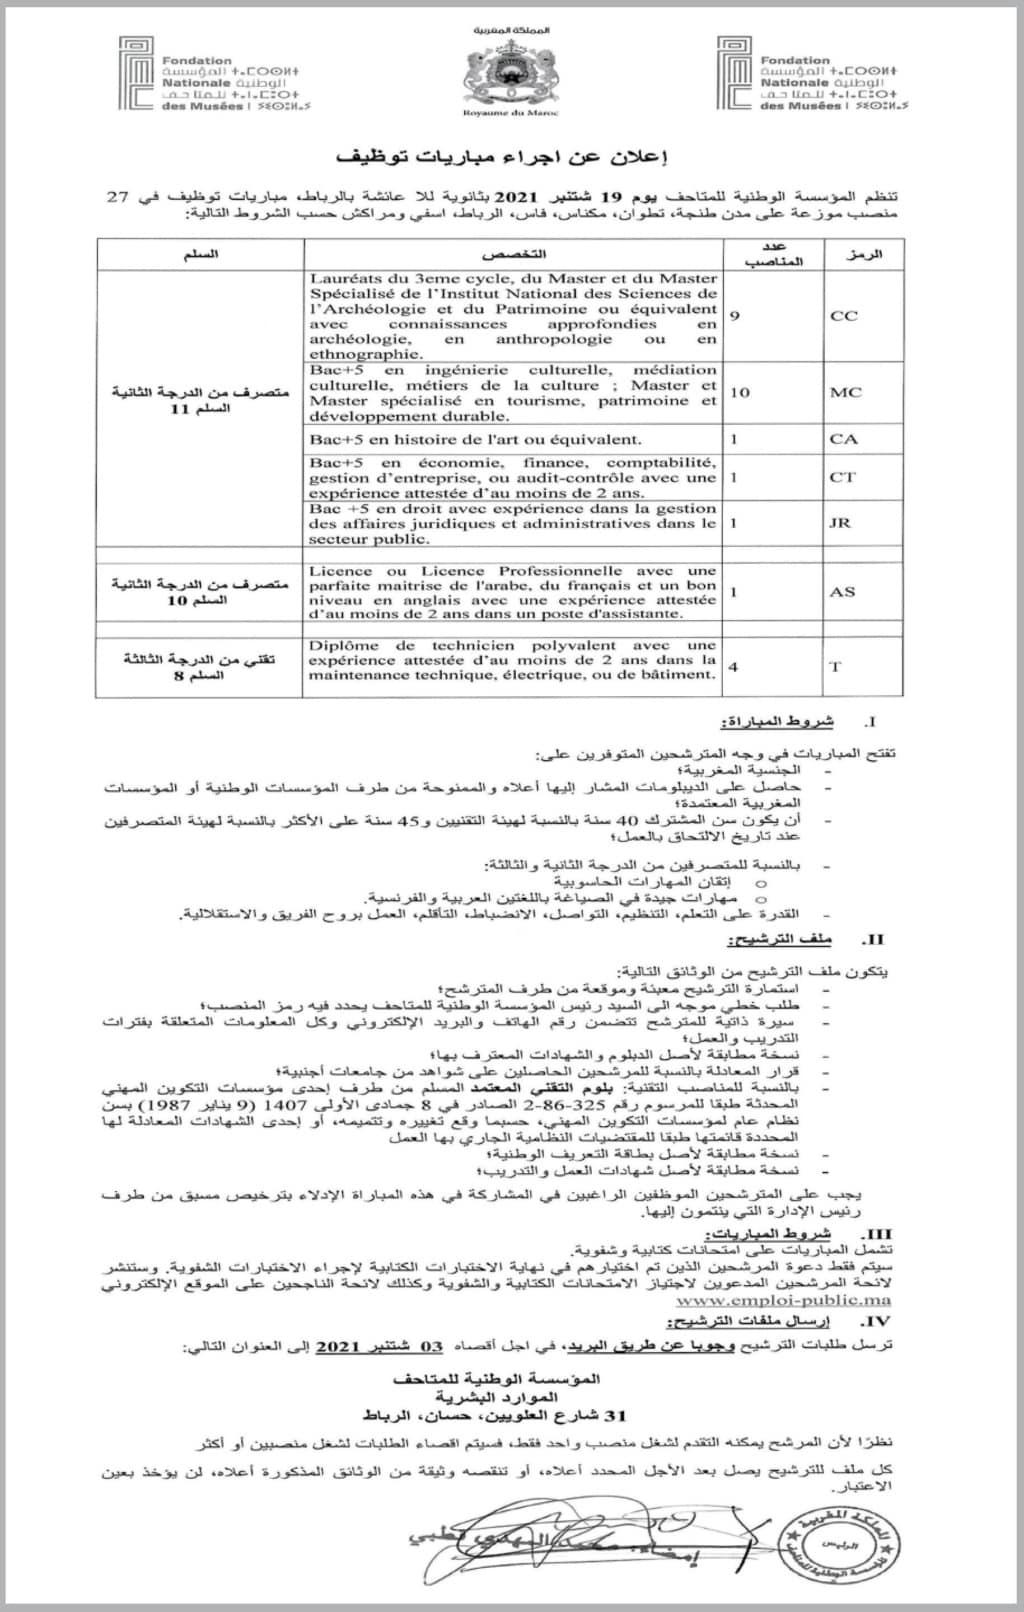 mata7i10 Concours Fondation Nationale des Musées 2021 (27 Postes)